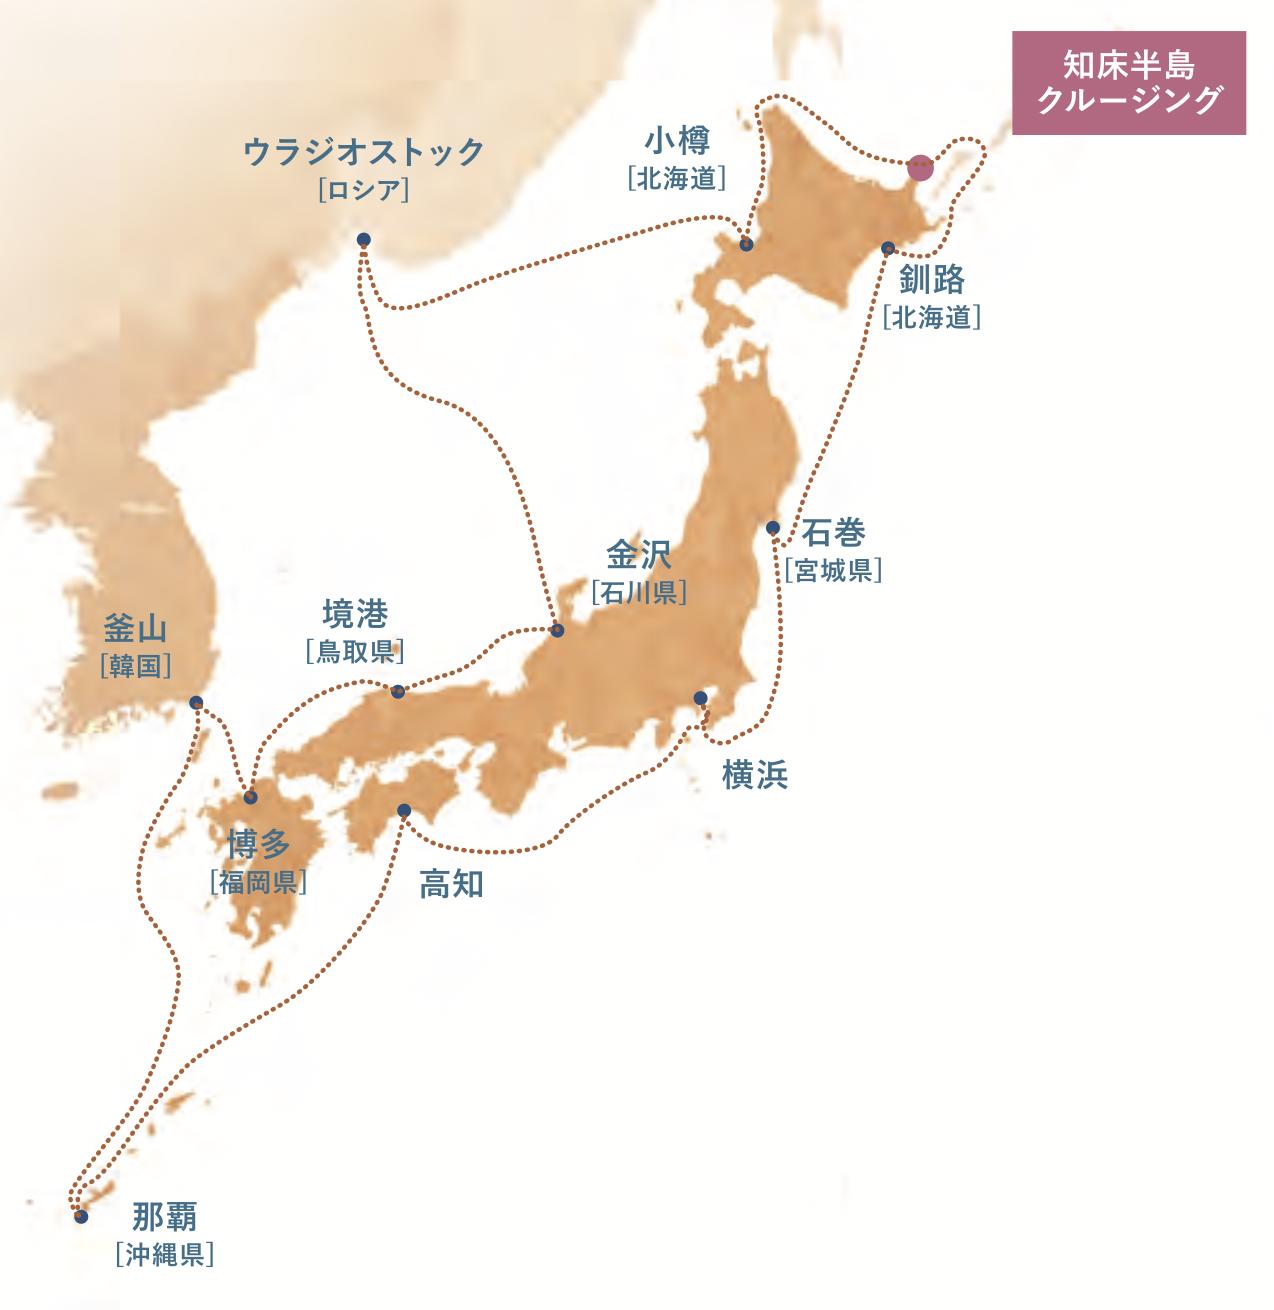 2022年夏 日本一周クルーズ19日間 航路マップ